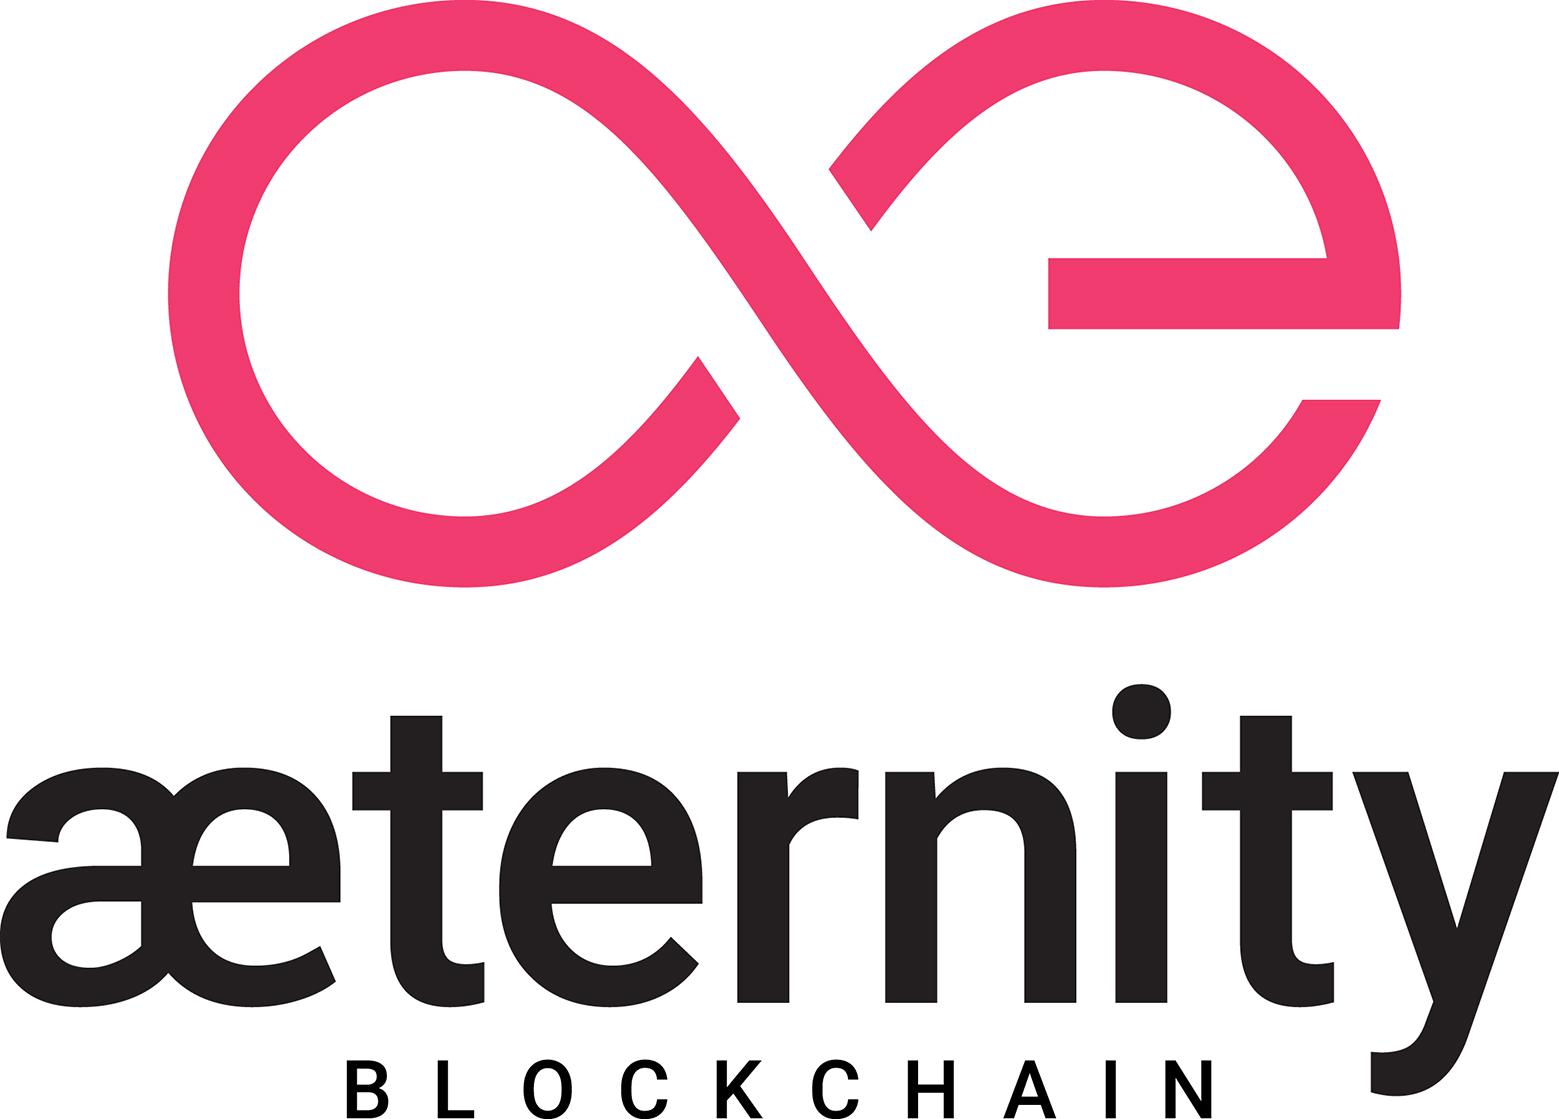 Проект æternity заключил партнерство с децентрализованной биржей weiDex